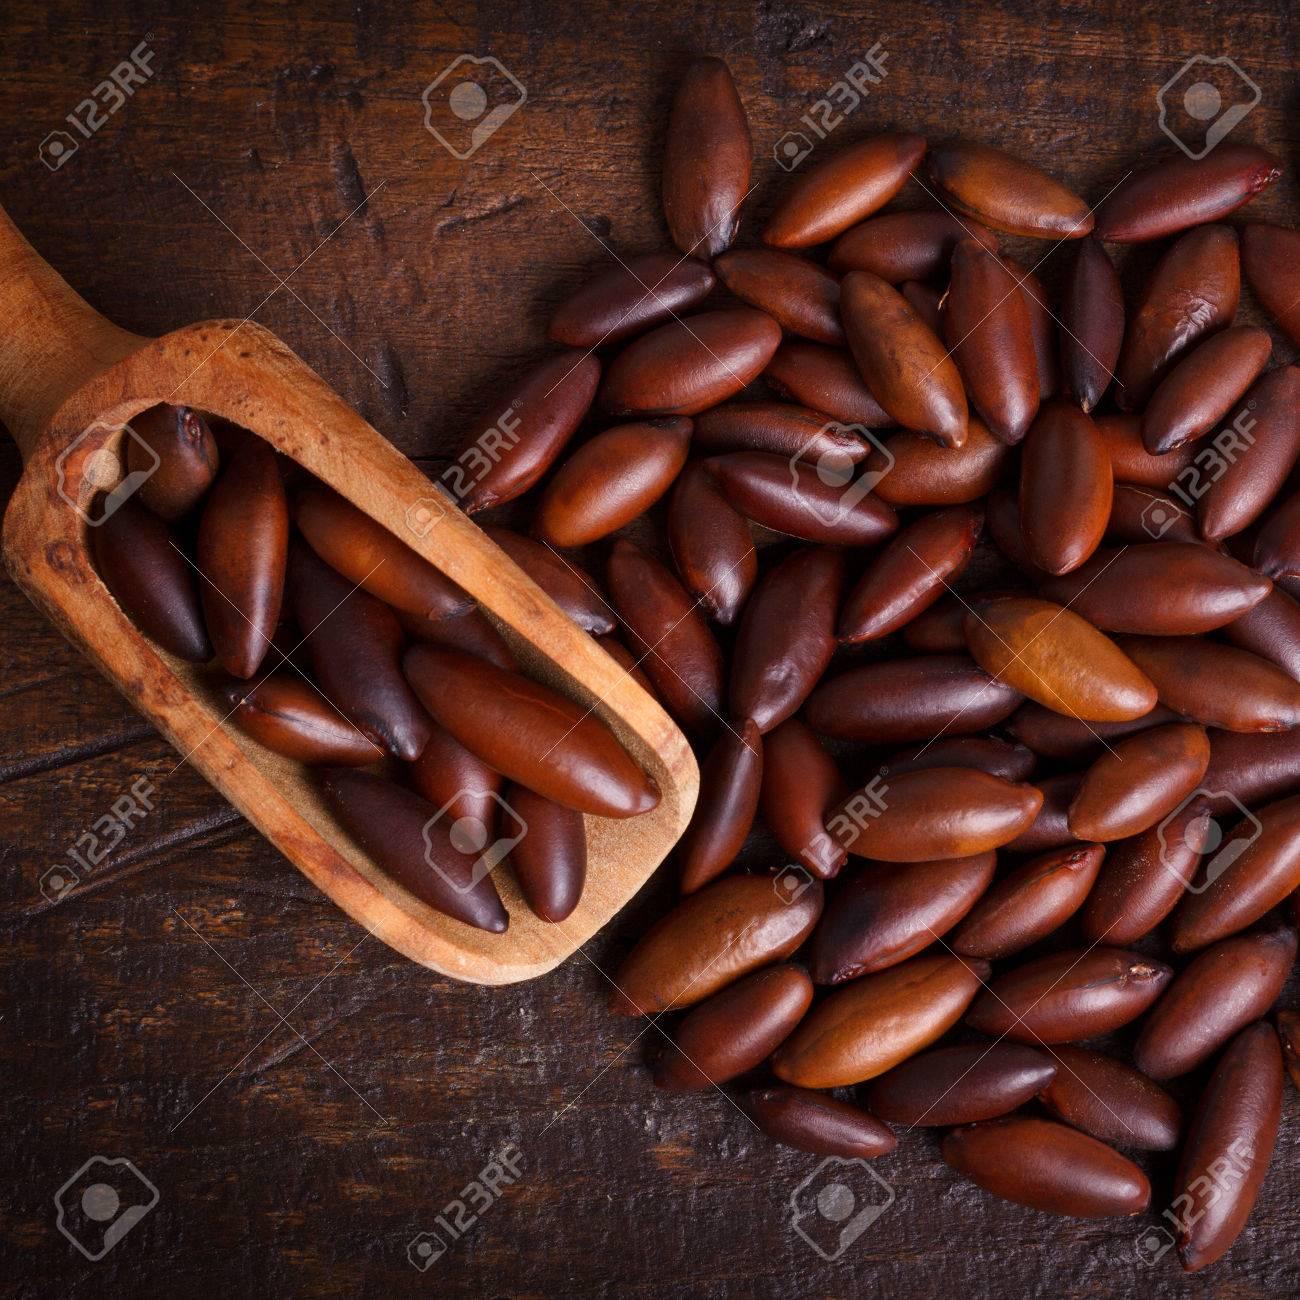 Baru almond (Cumaru, Cumbaru, Barujo, Coco-feijao, Cumarurana)